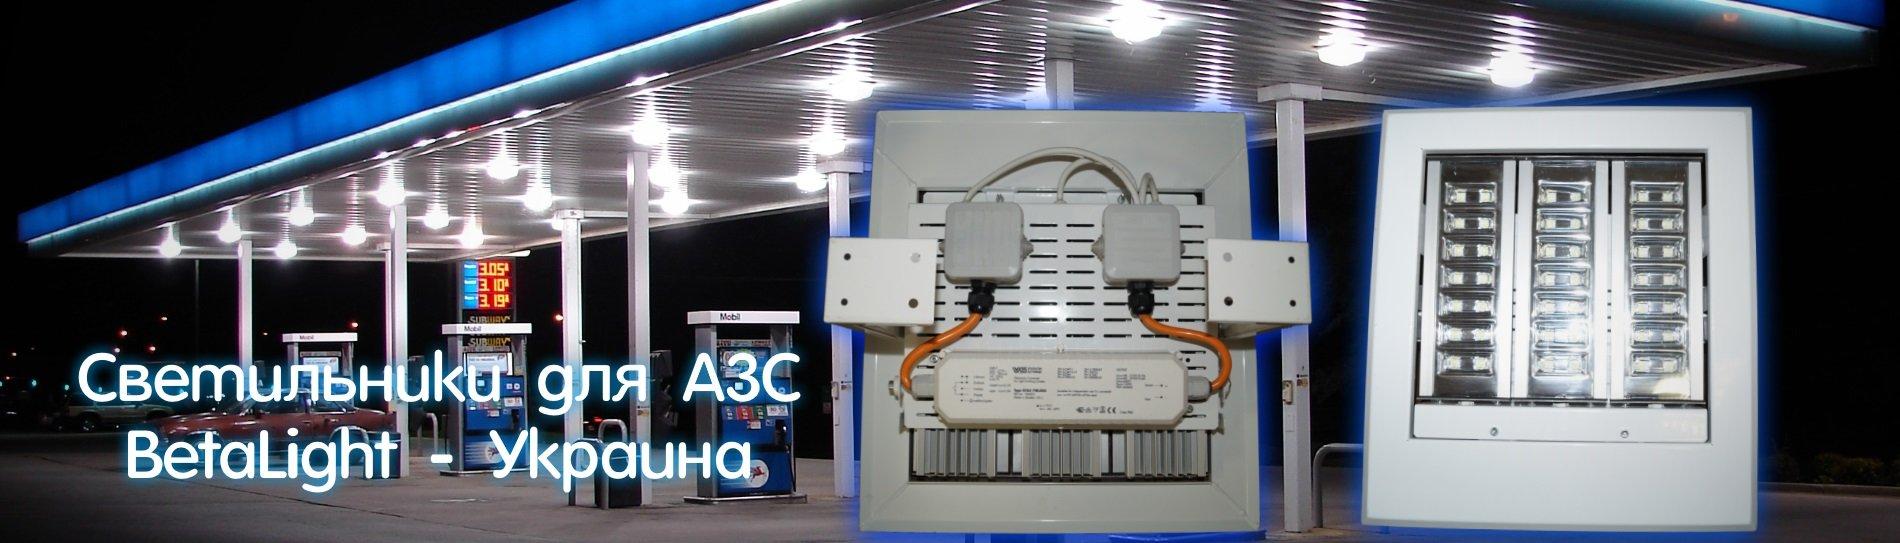 Светильники для АЗС BetaLight - Украина